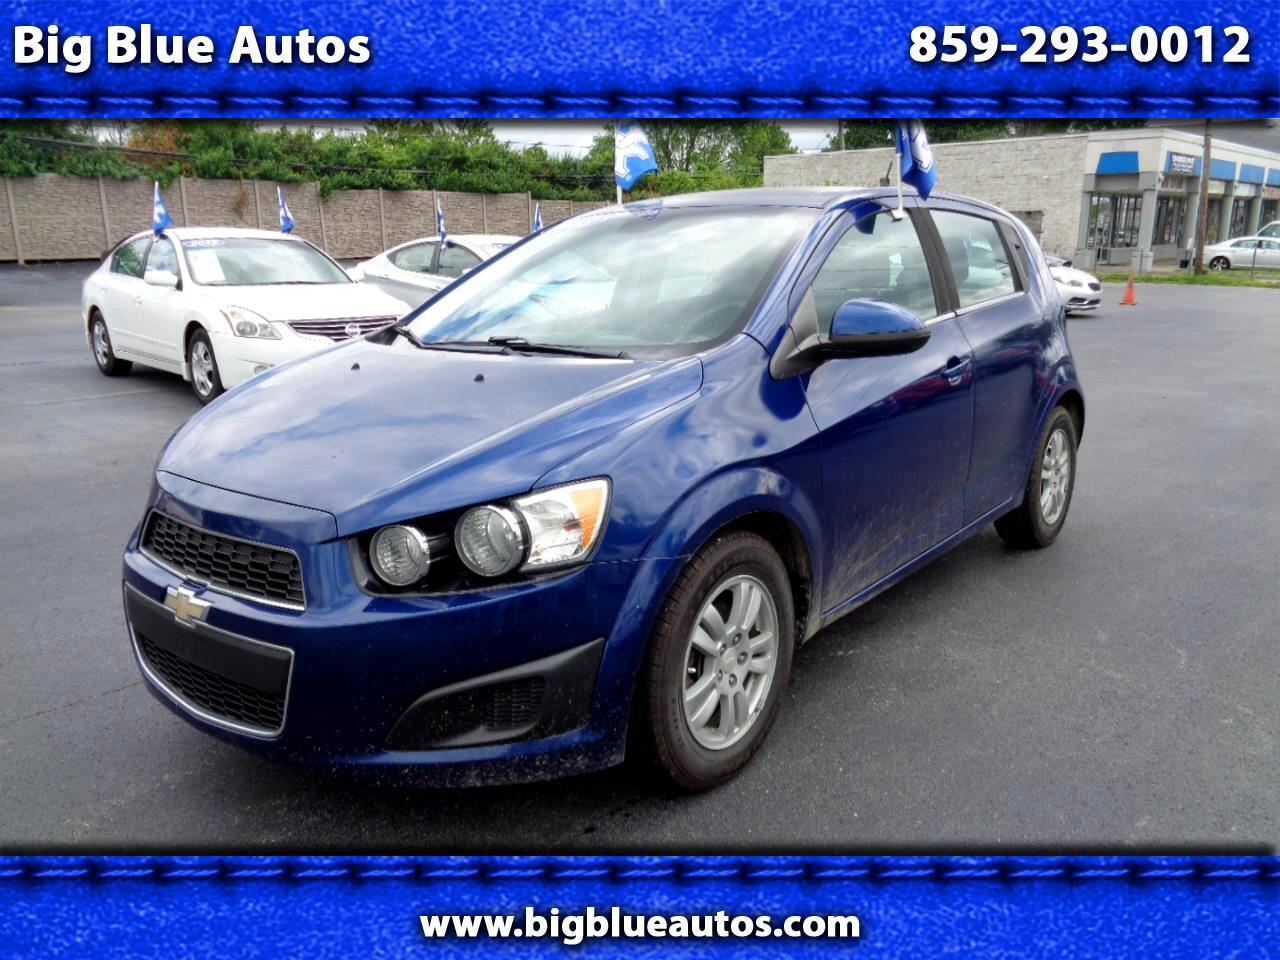 Chevrolet Sonic 5dr HB Auto LT 2013